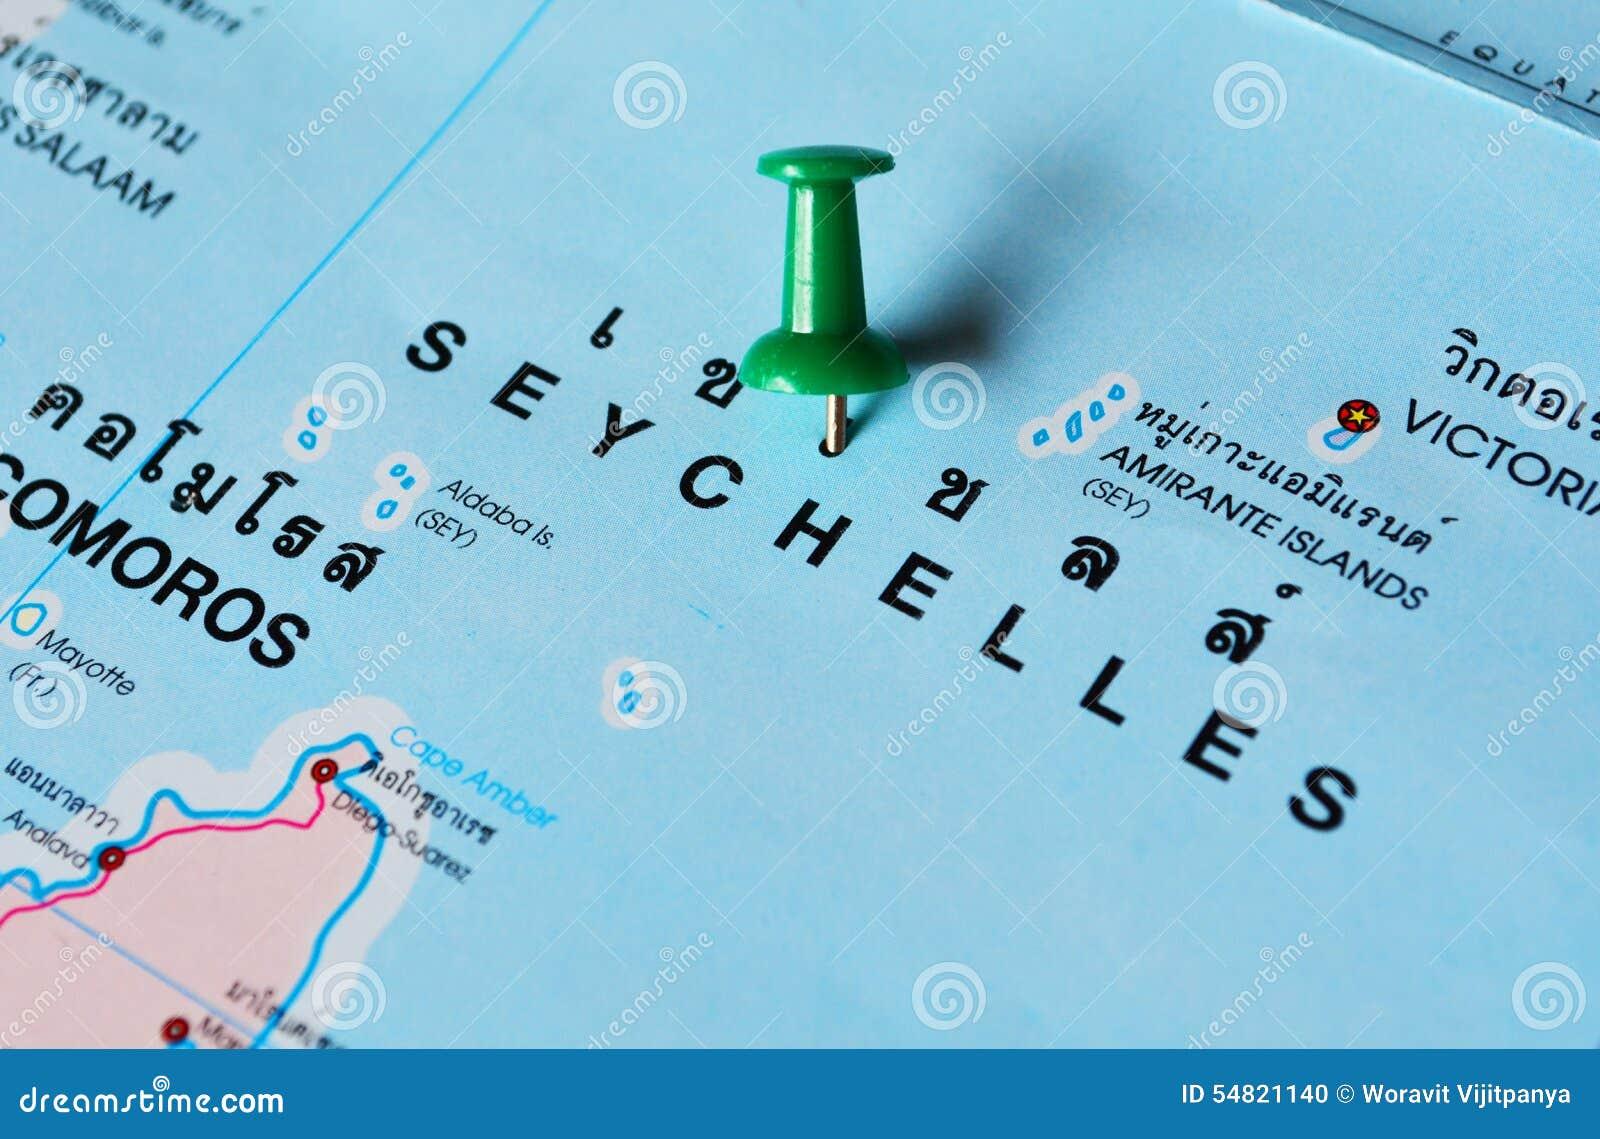 Seychellen Karte Afrika.Seychellen Karte Stockfoto Bild Von Politisch Afrika 54821140